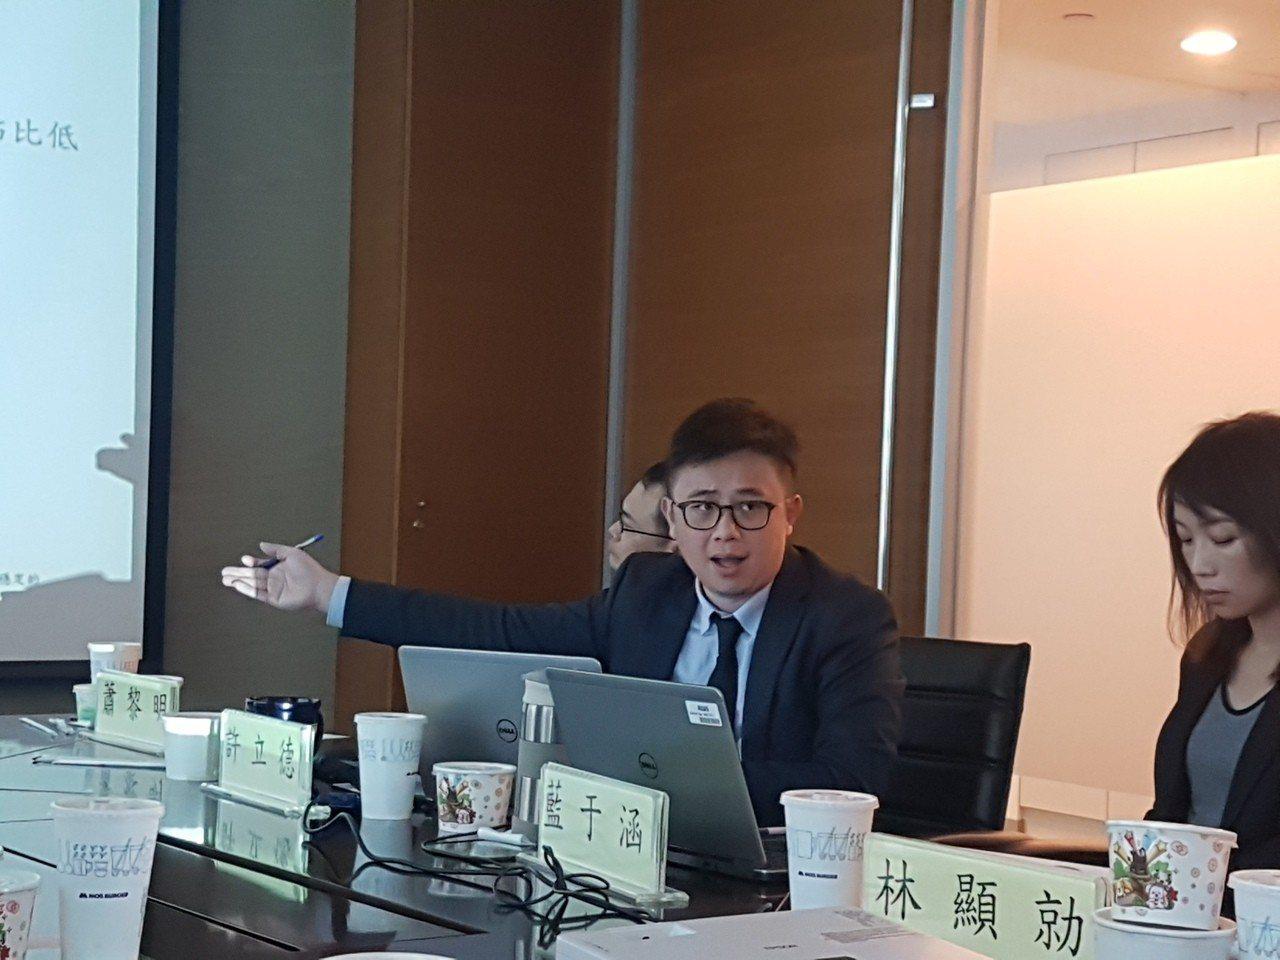 中華信評表示,台灣能源政策風險「正逐漸提高」,尤其對高耗能高用電的「科技業、鋼鐵...